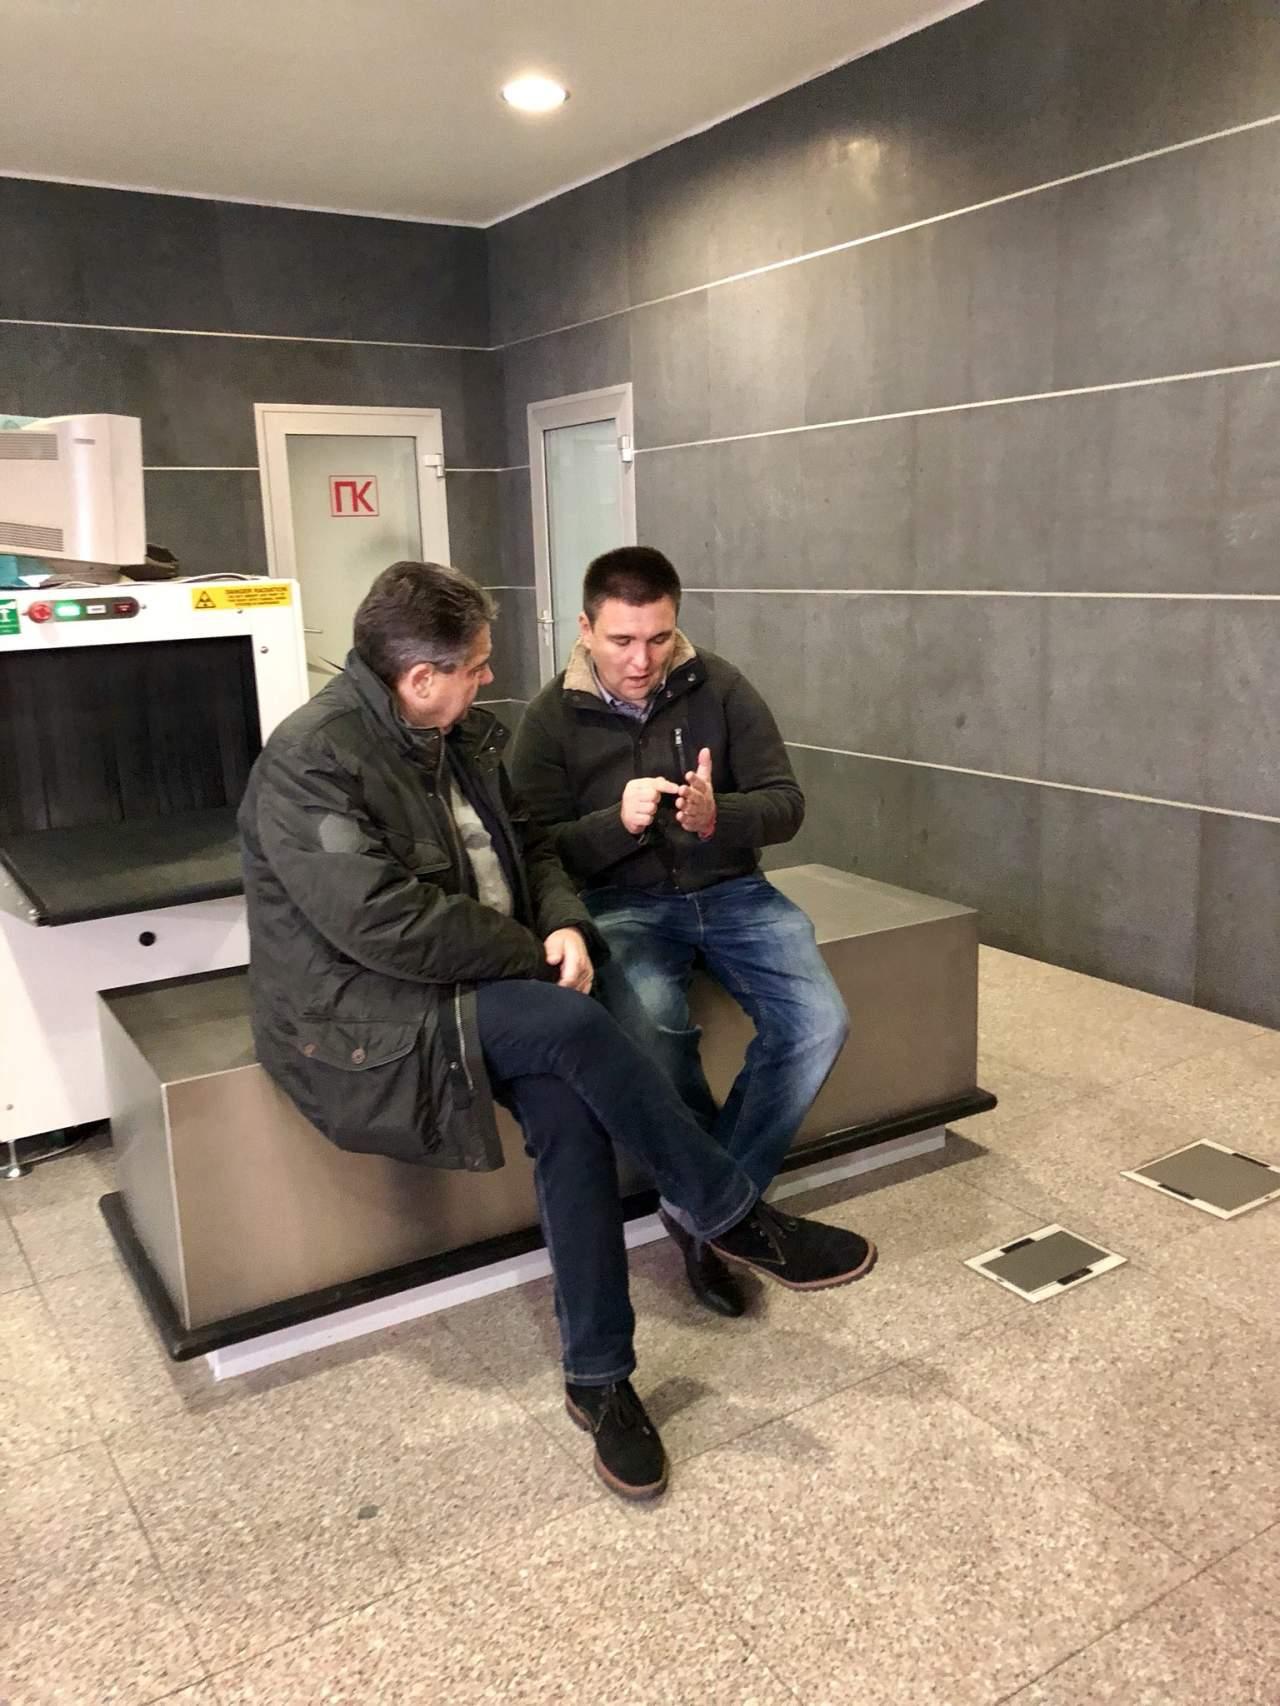 Глава МИД ФРГ отложил рабочий визит на Донбасс из-за плохой погоды (фото)